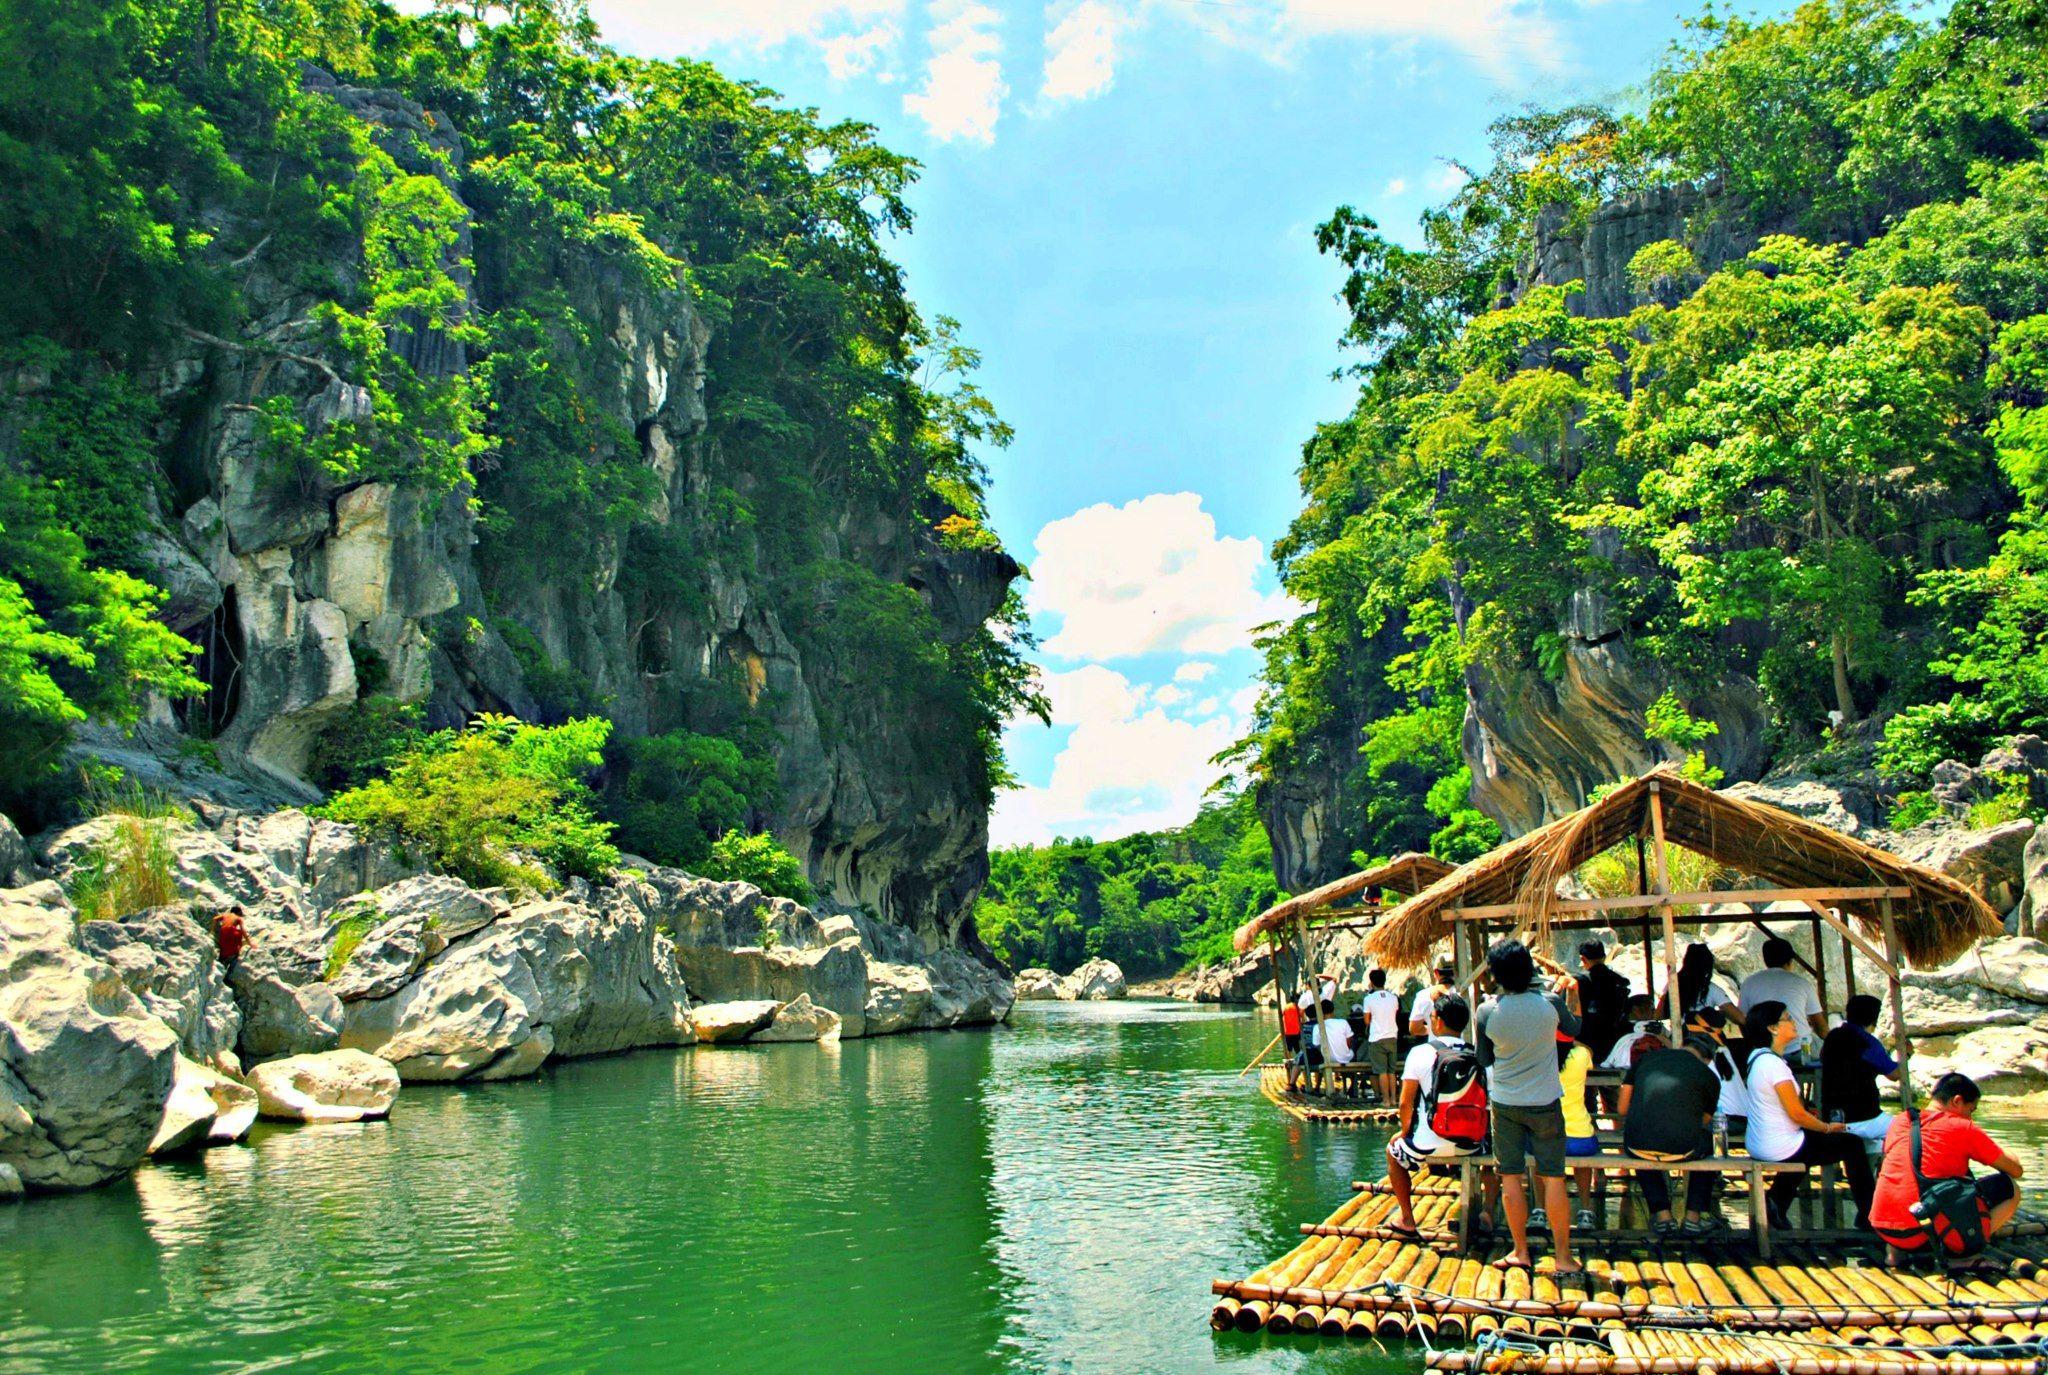 Minalungao river nueva ecija philippines places i want to go to minalungao river nueva ecija philippines stopboris Images